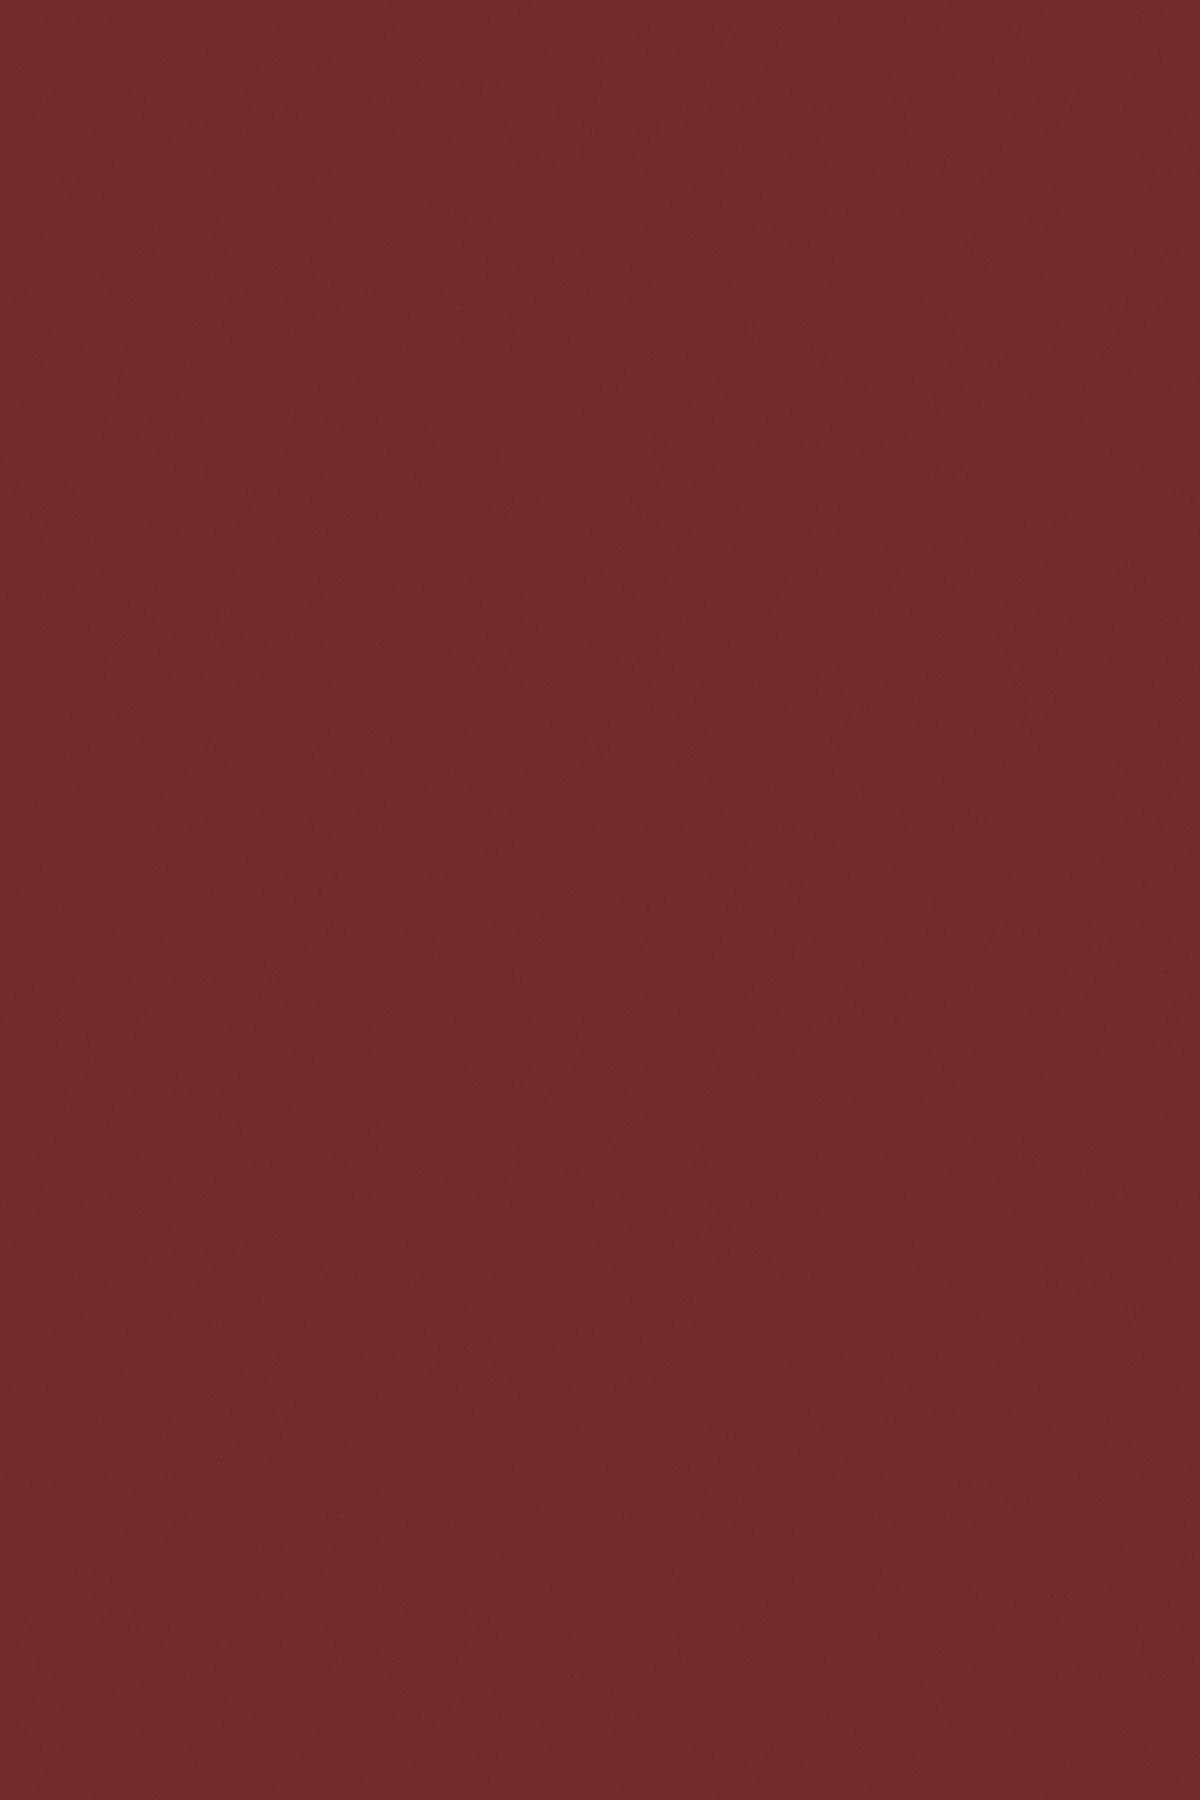 Червоний Оксид 9551 BS